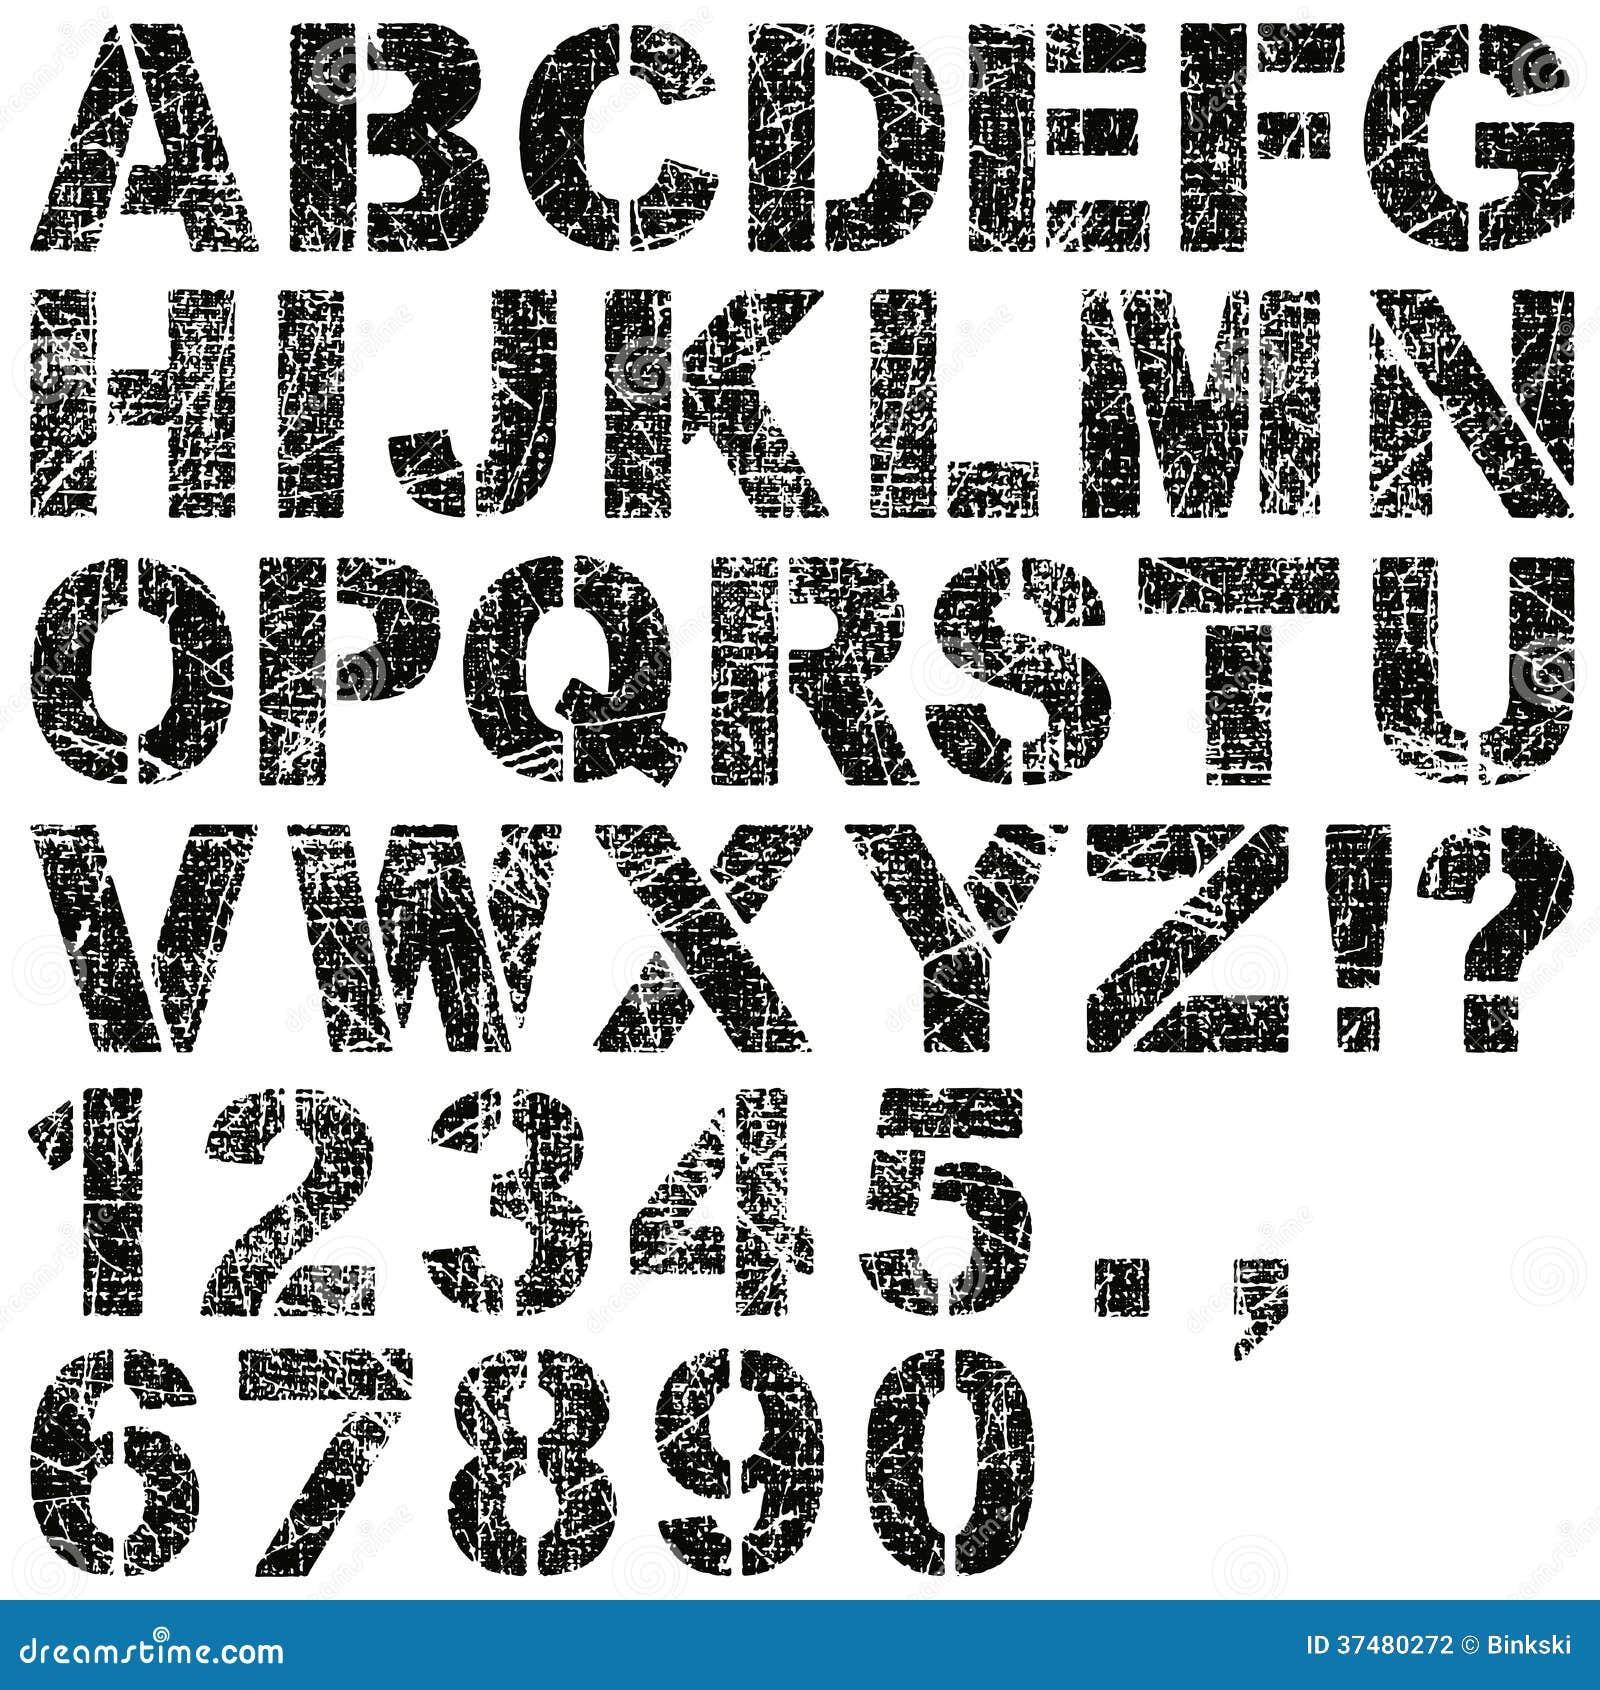 Как перейти на английский шрифт на клавиатуре с русского и наоборот 75